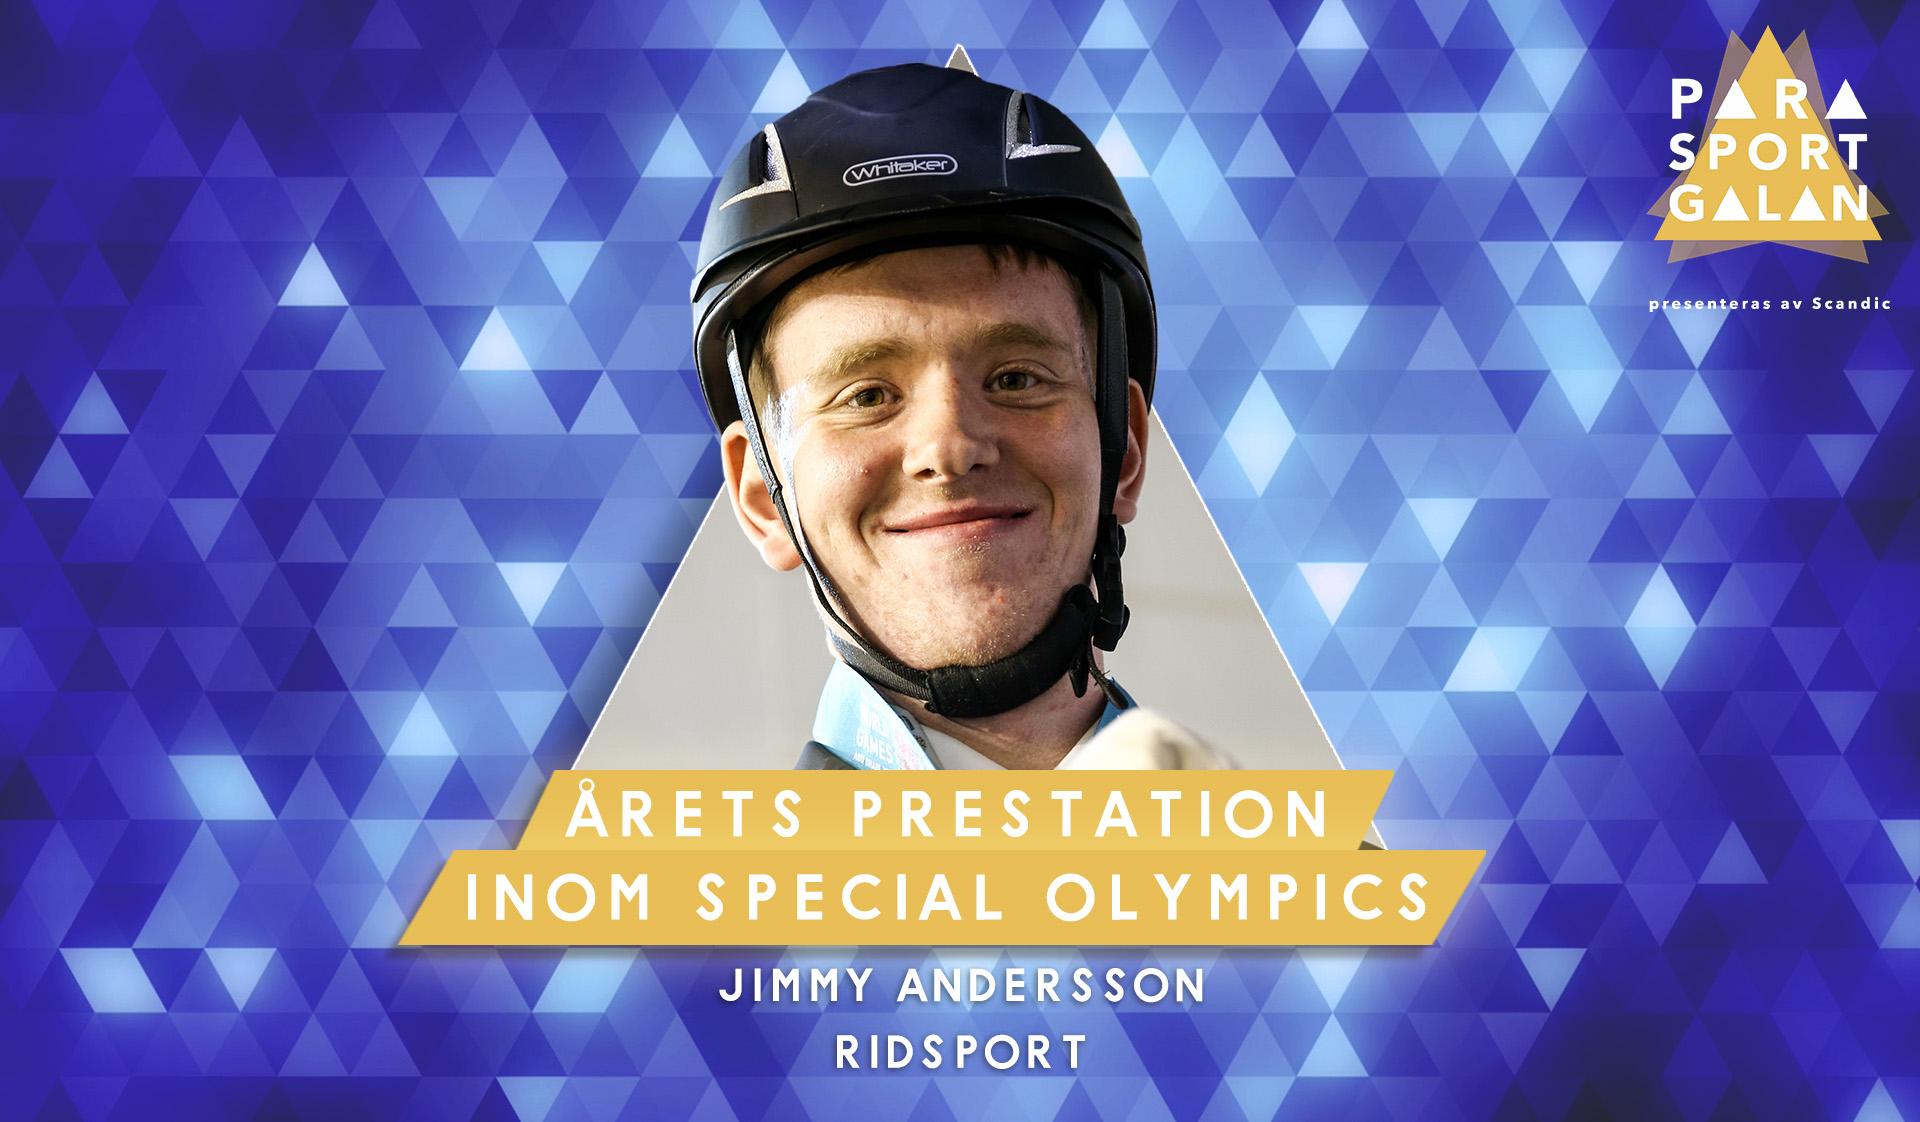 Jimmy Andersson vann Årets prestation inom Special Olympics på Parasportgalan 2020.